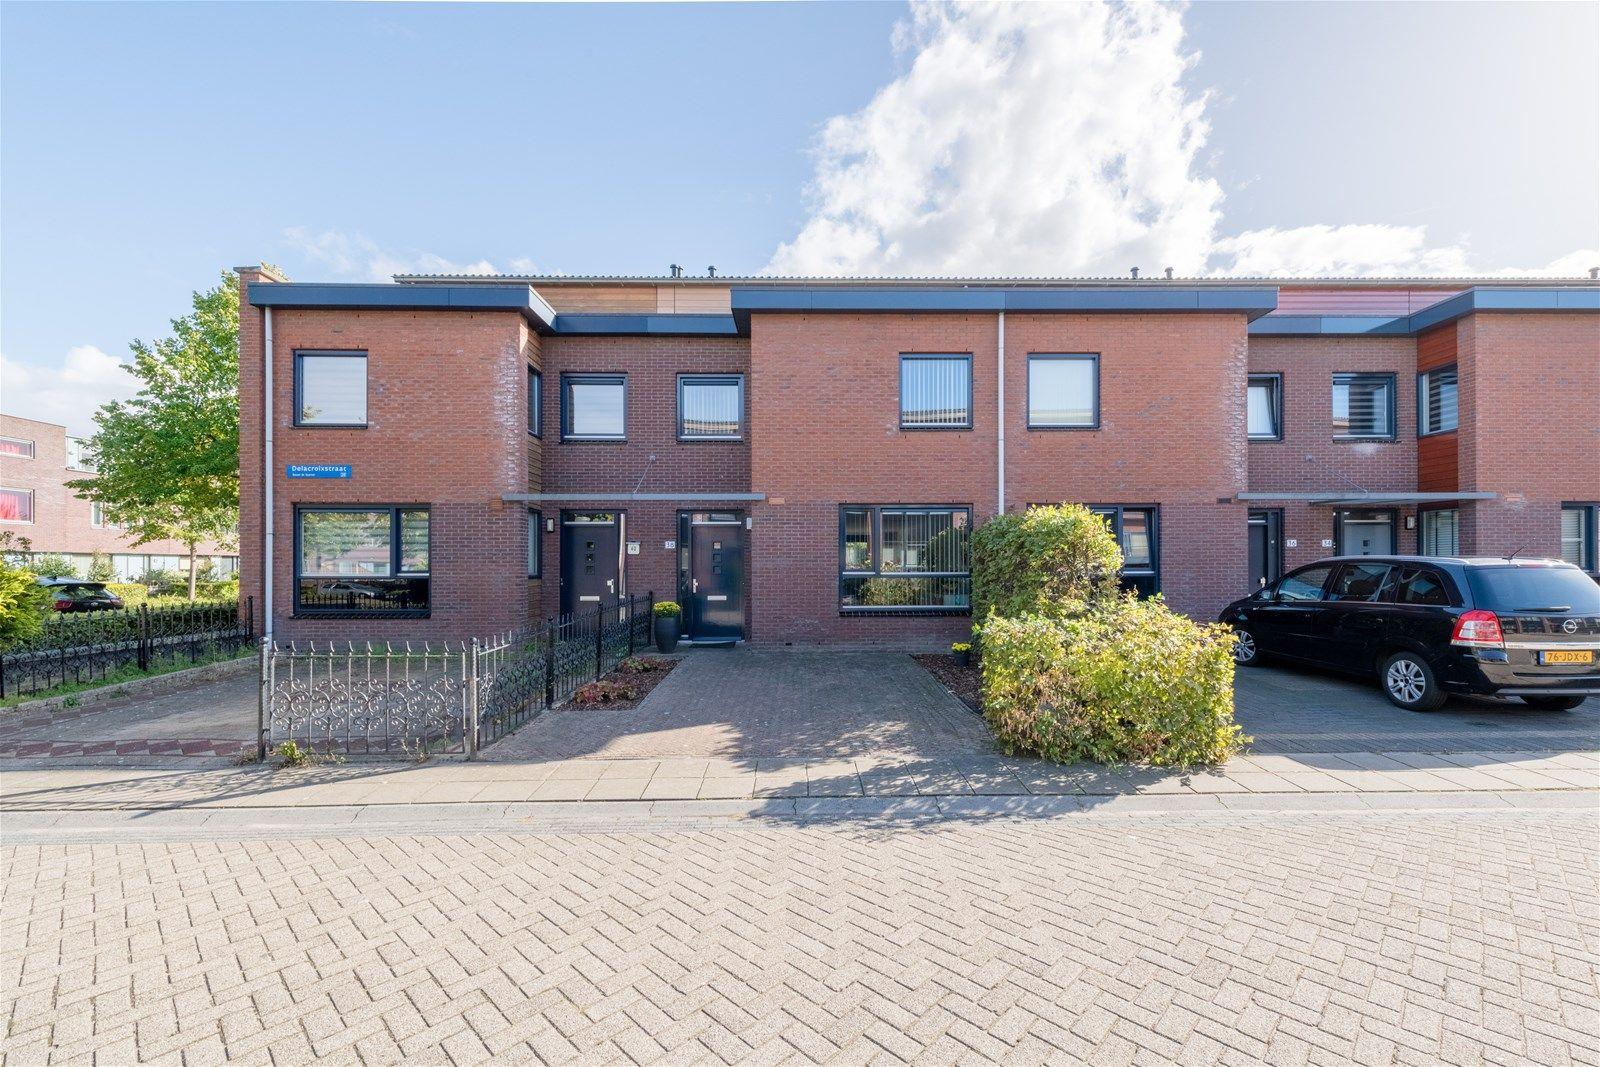 Delacroixstraat 38, Almere